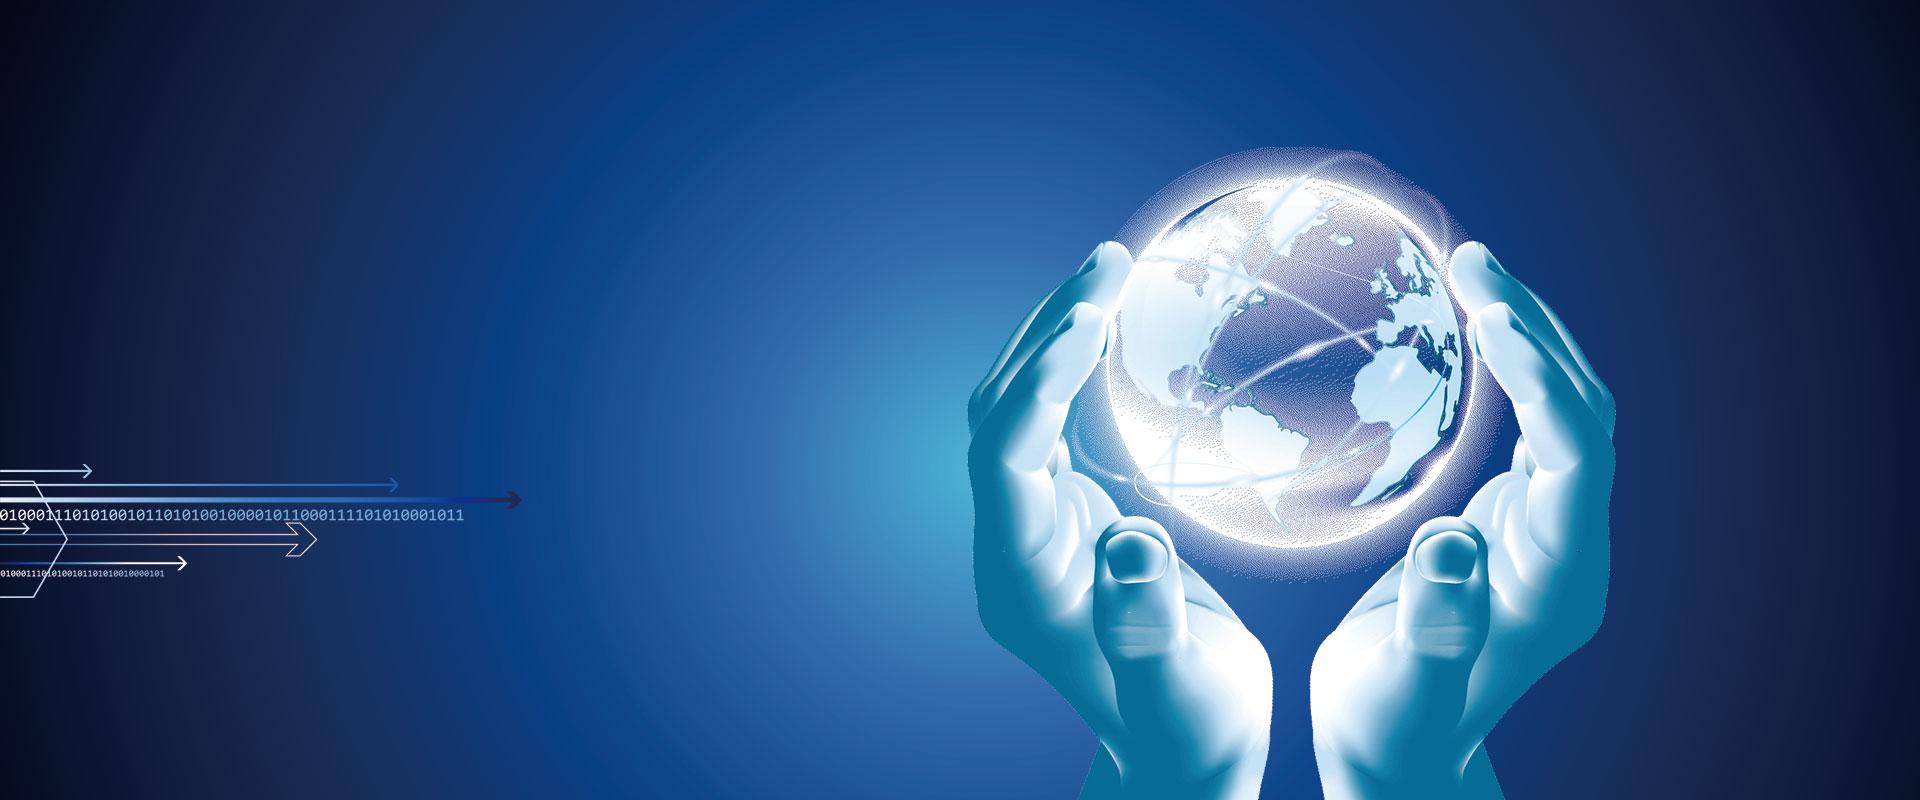 关于2020年深圳市基础研究面上项目的申报通知